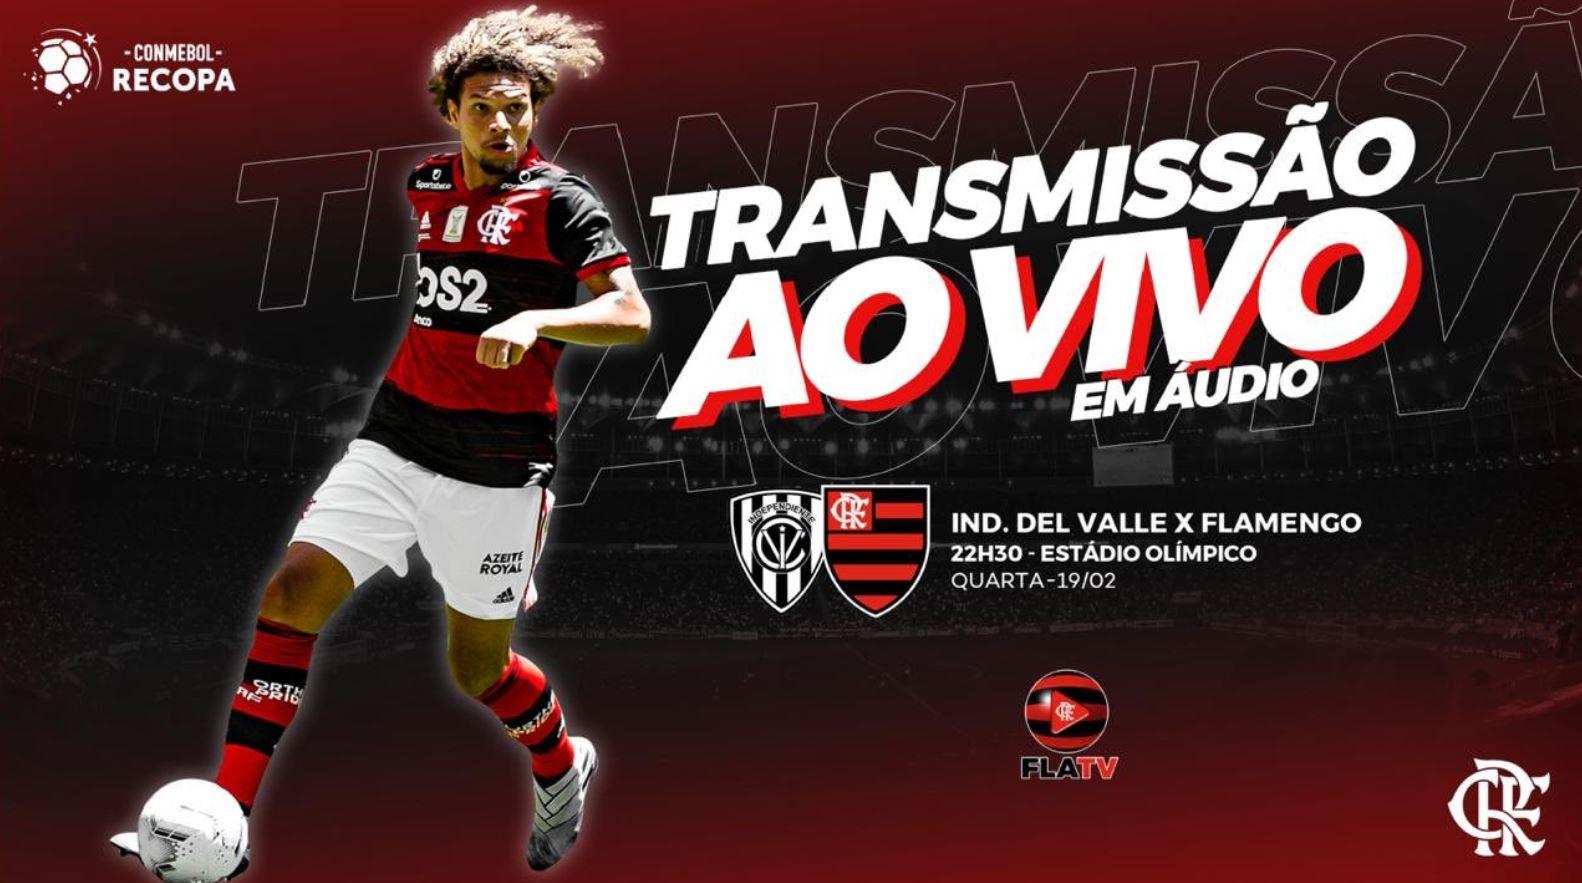 Del Valle x Flamengo